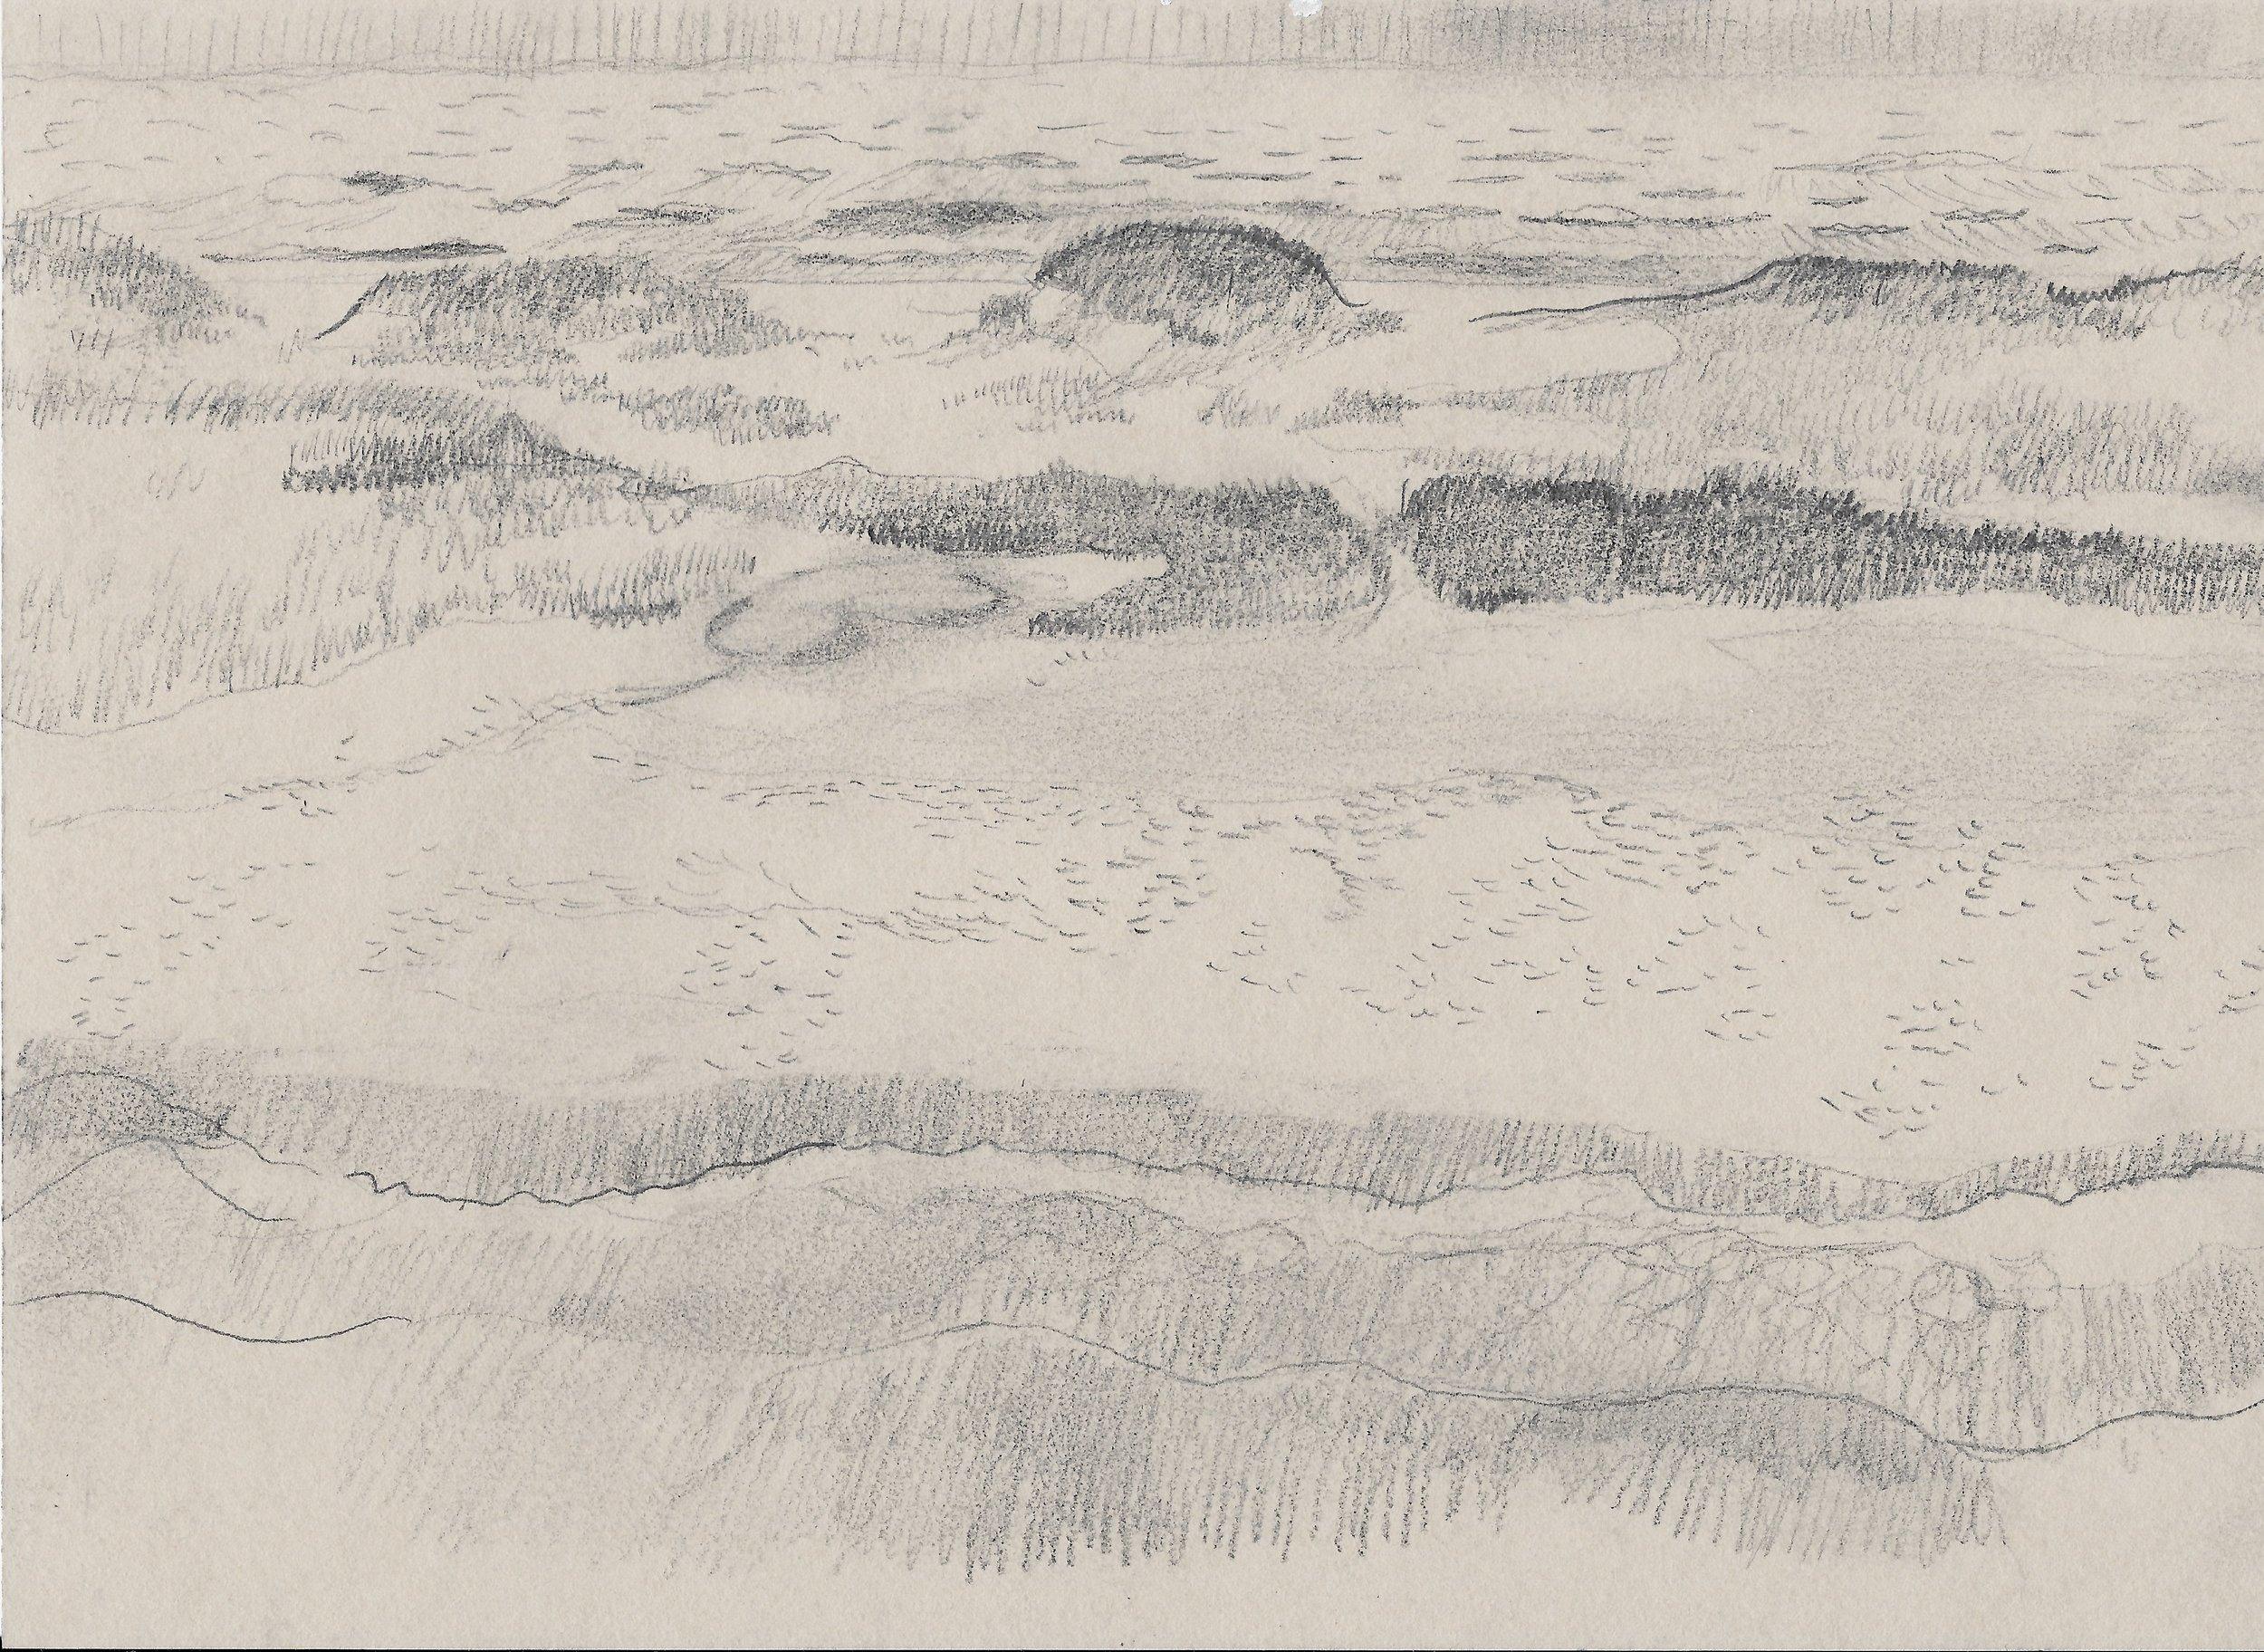 Dunes and Hoofprints